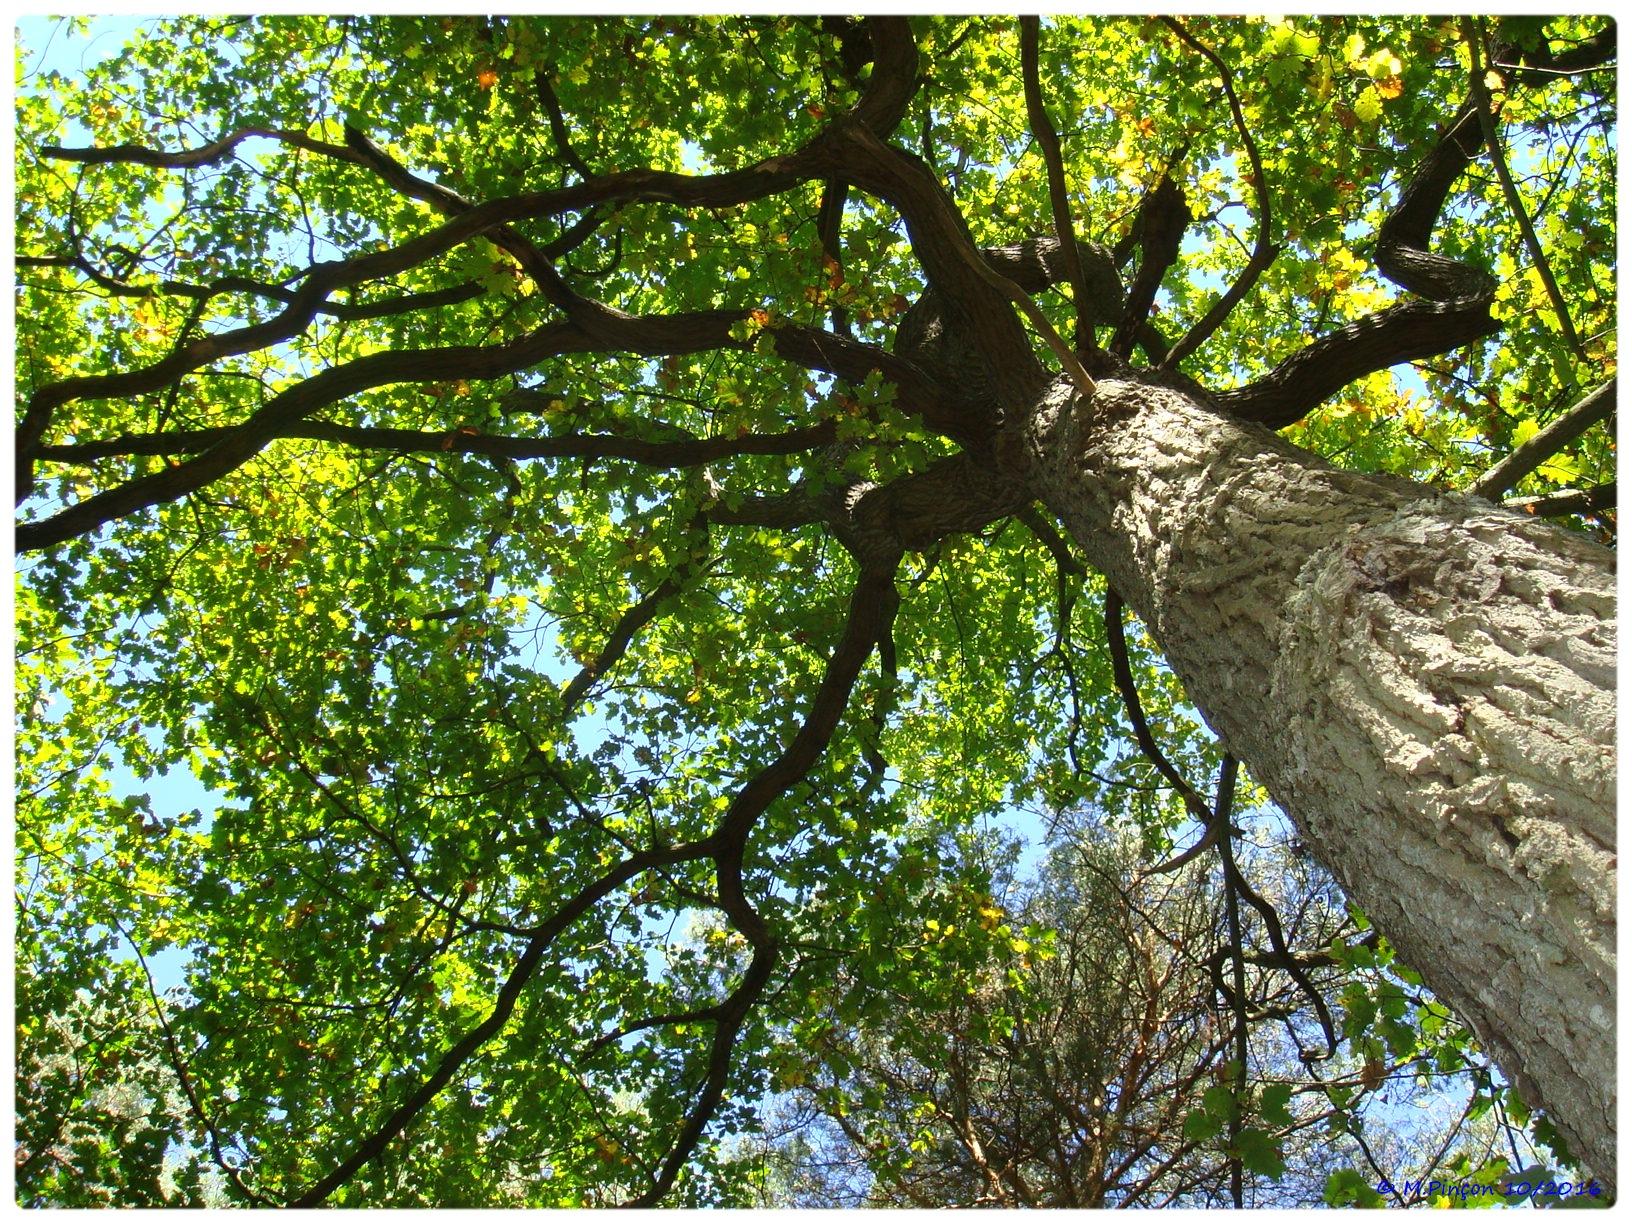 [fil ouvert] la forêt dans tous ses états - Page 6 990405DSC011081